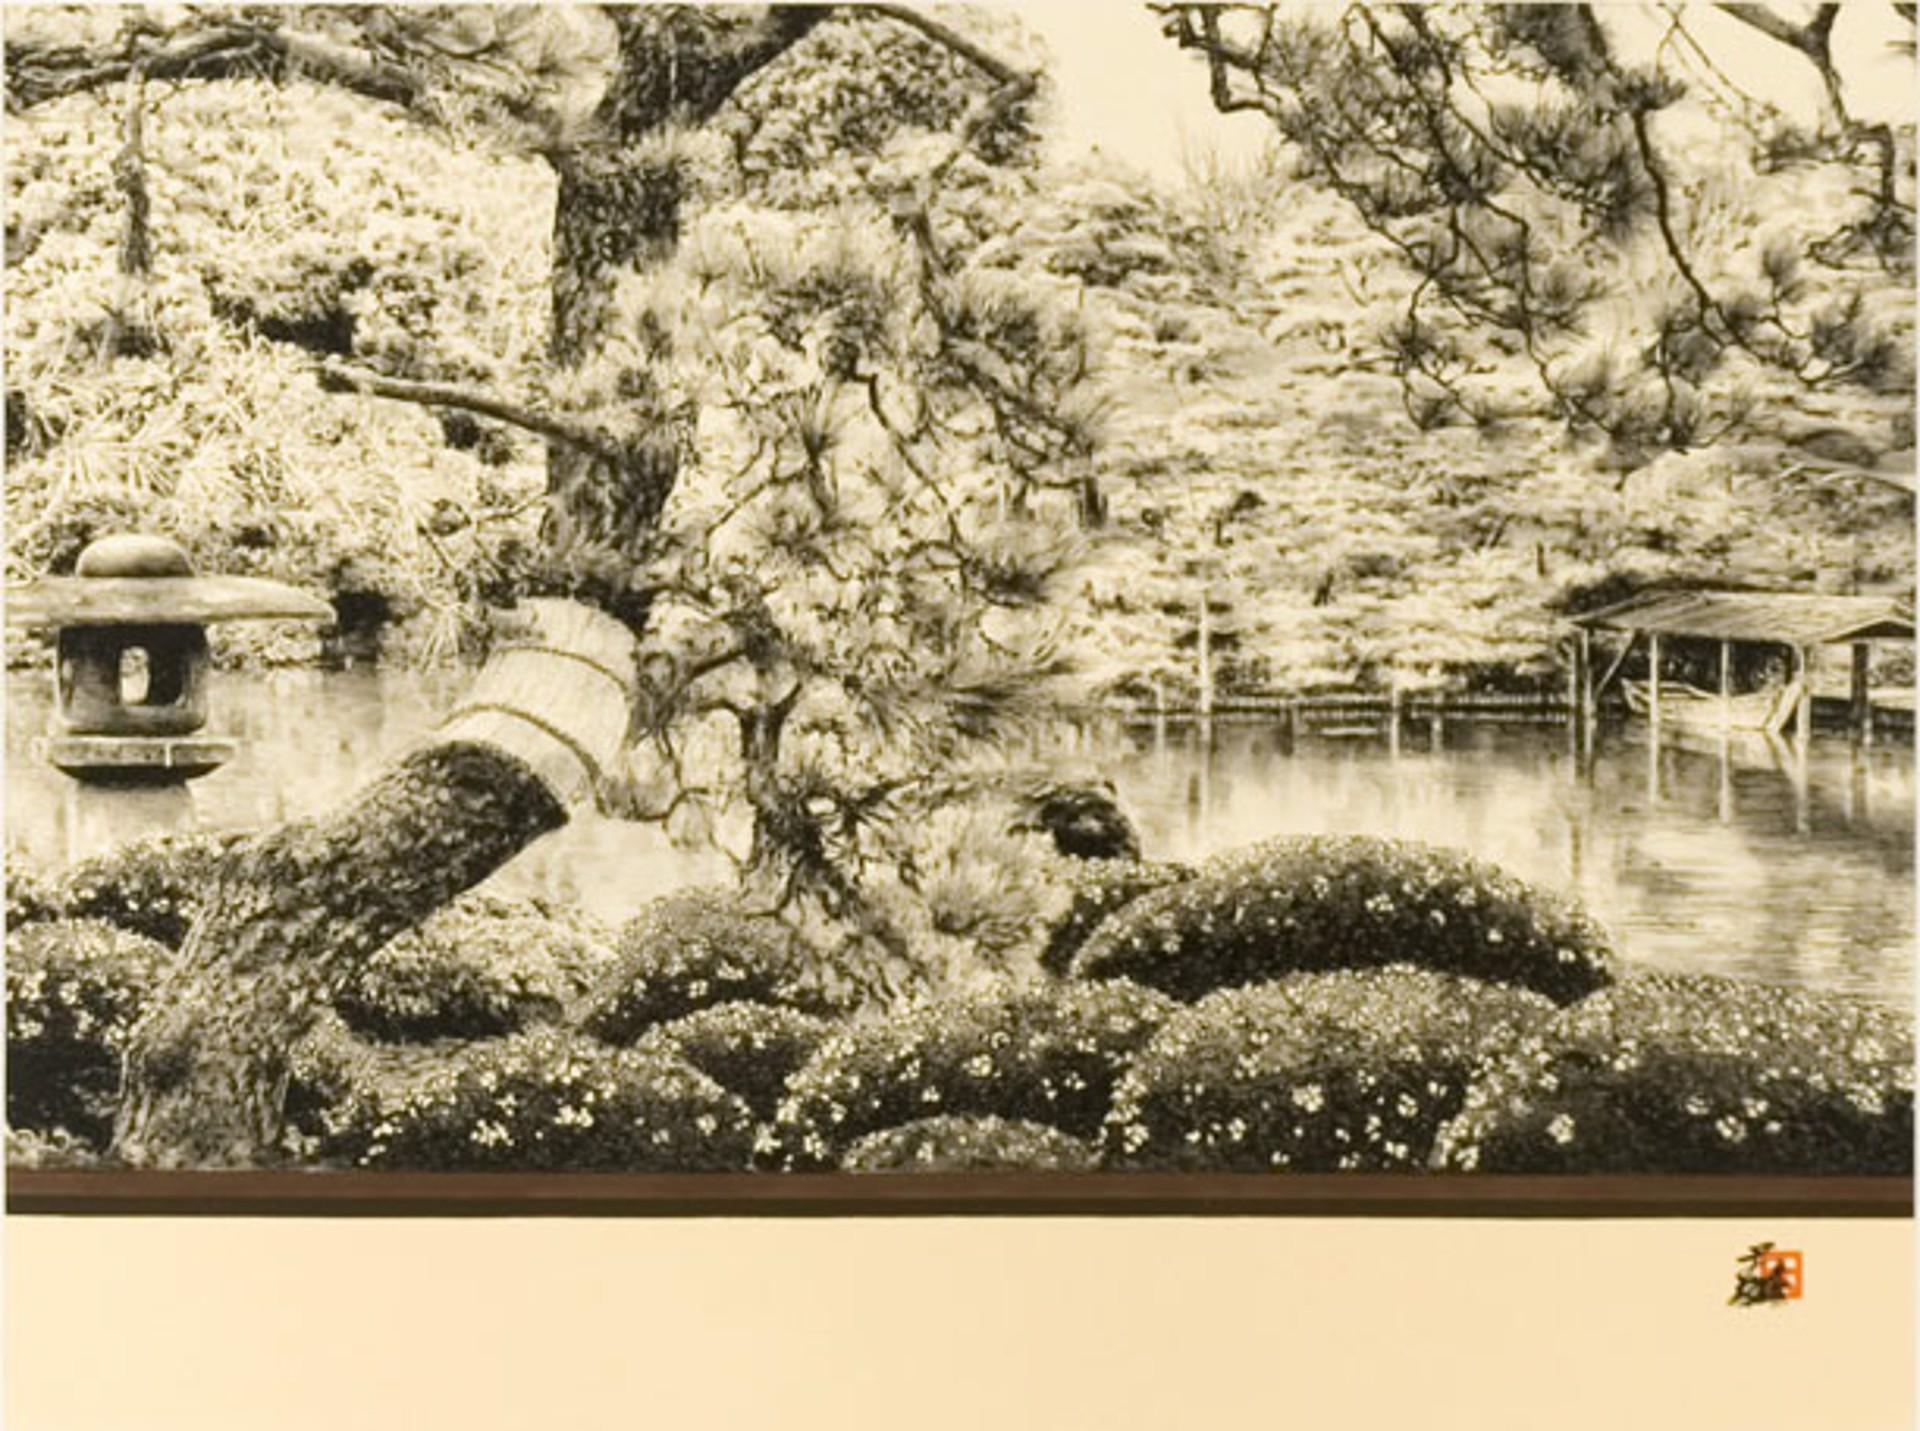 Rikugien Gardens by Hisashi Otsuka